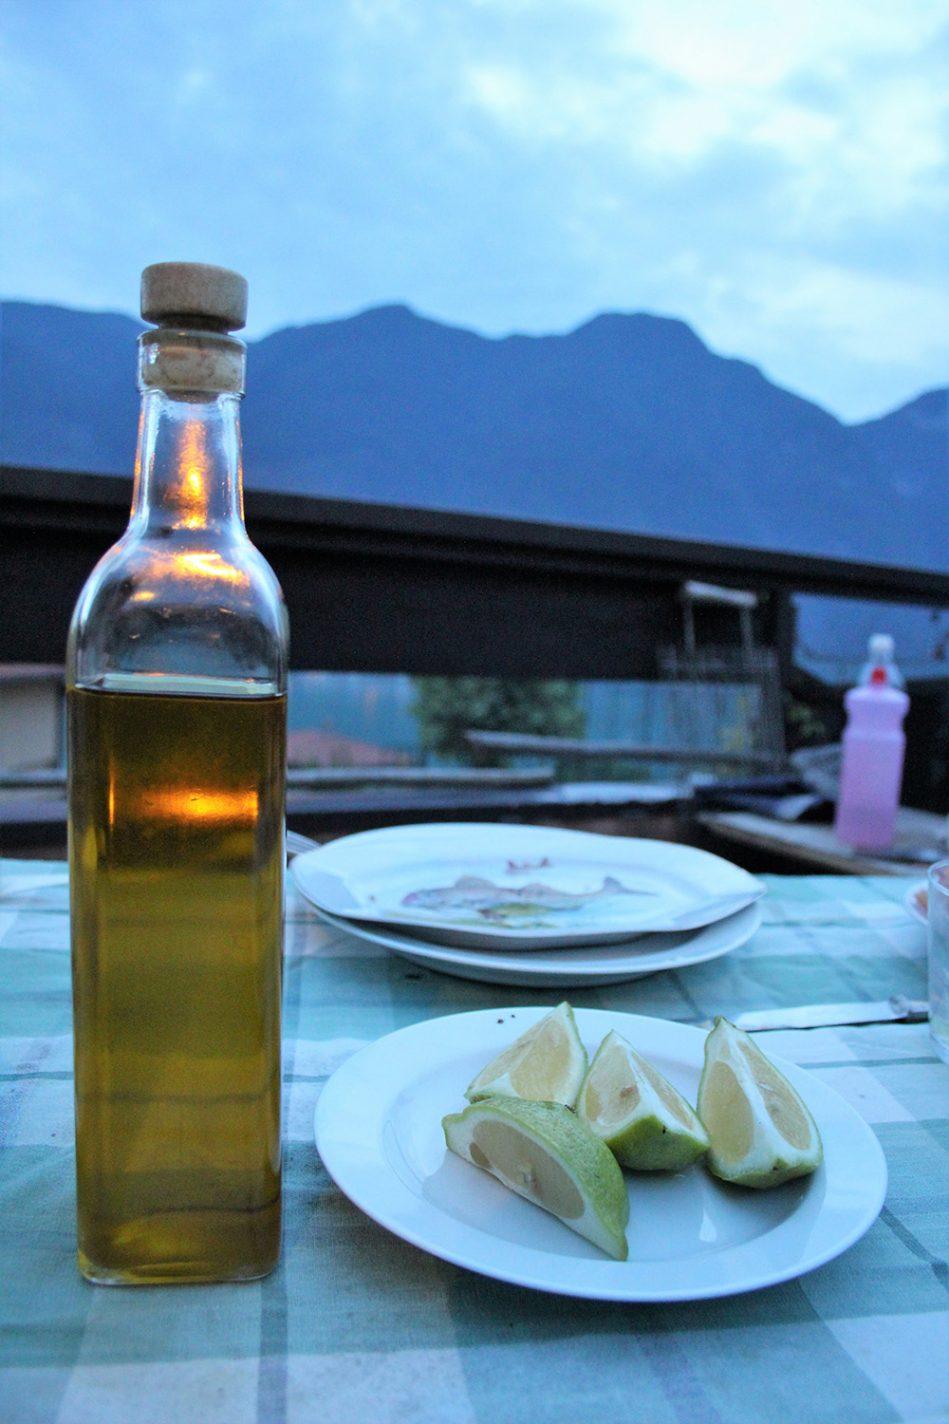 Olijfolie uit Sicilië en partjes limoen bij verse vis. Ik garandeer je: zout en peper zul je niet missen!